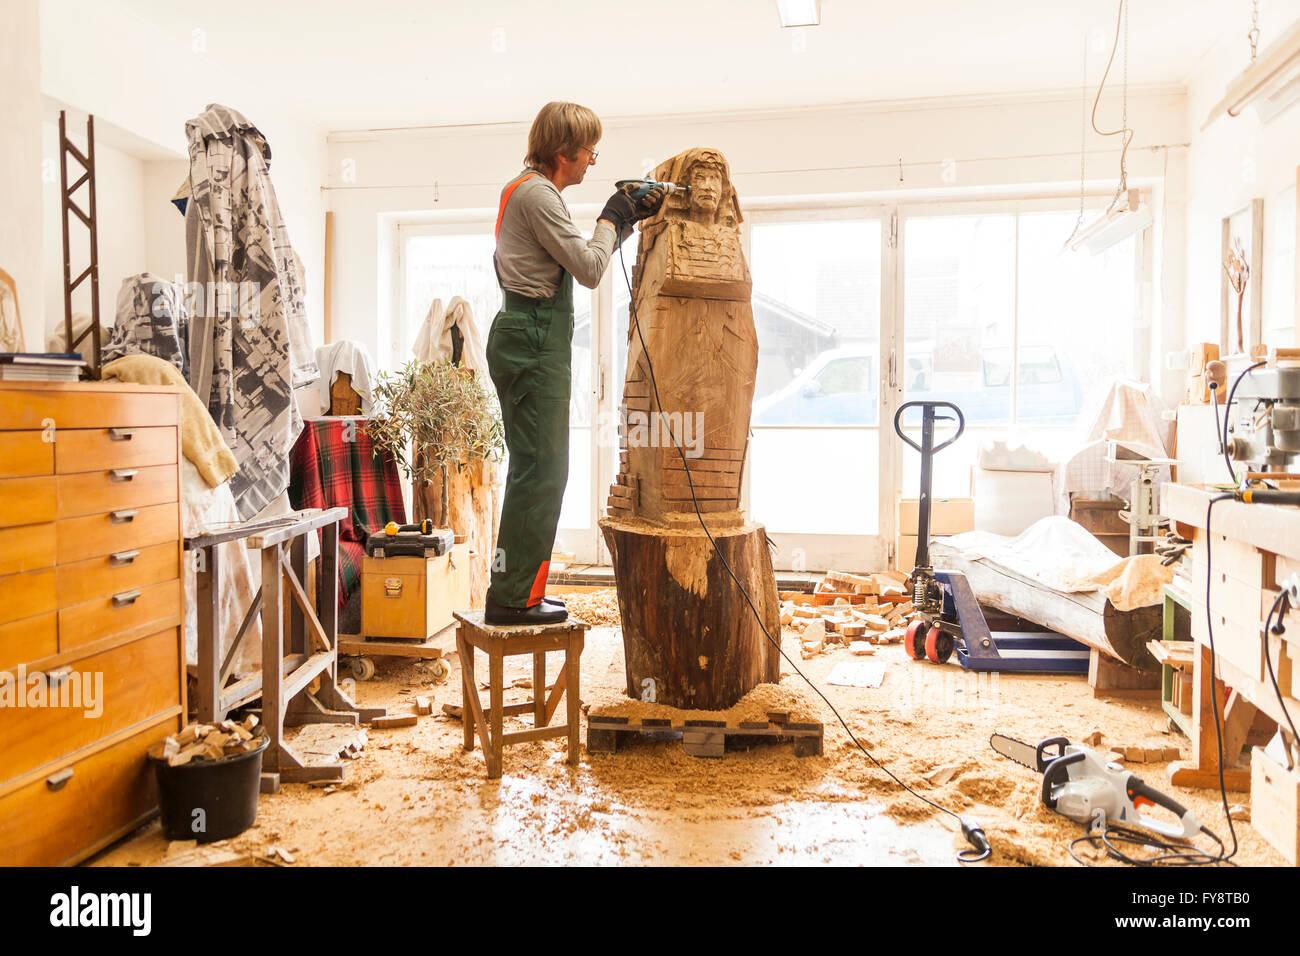 Intagliatore di legno in officina a lavorare sulla scultura con